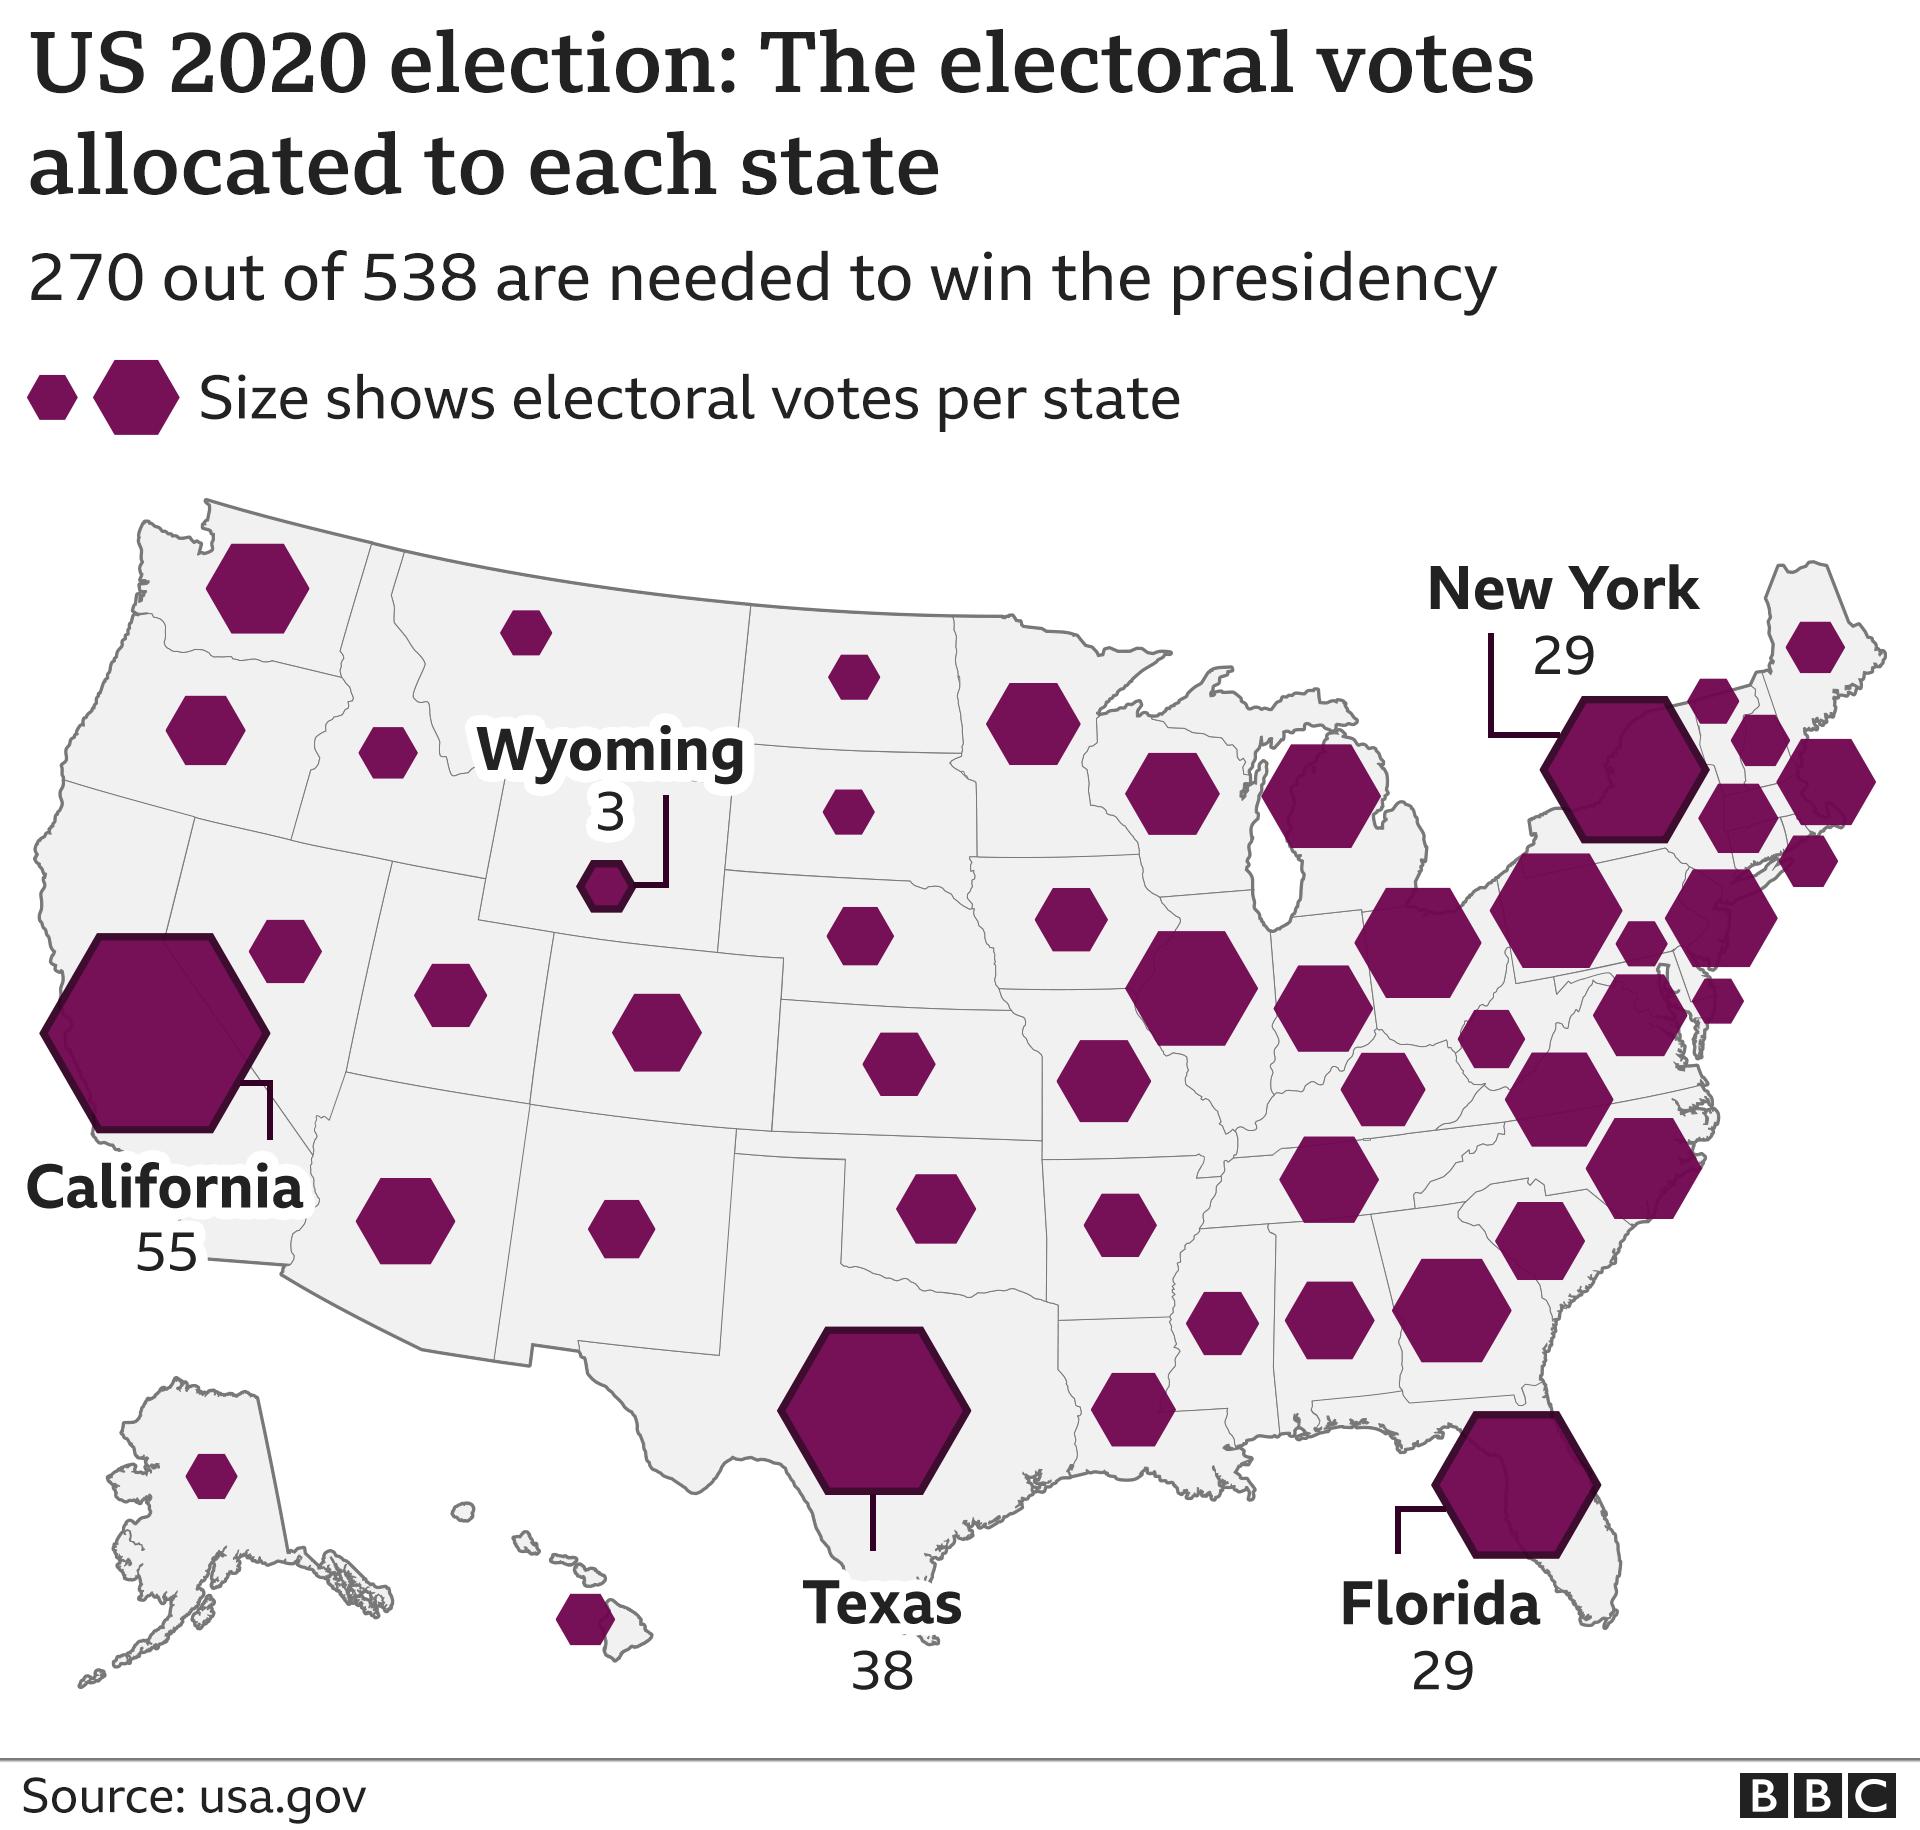 Mapa do colégio eleitoral